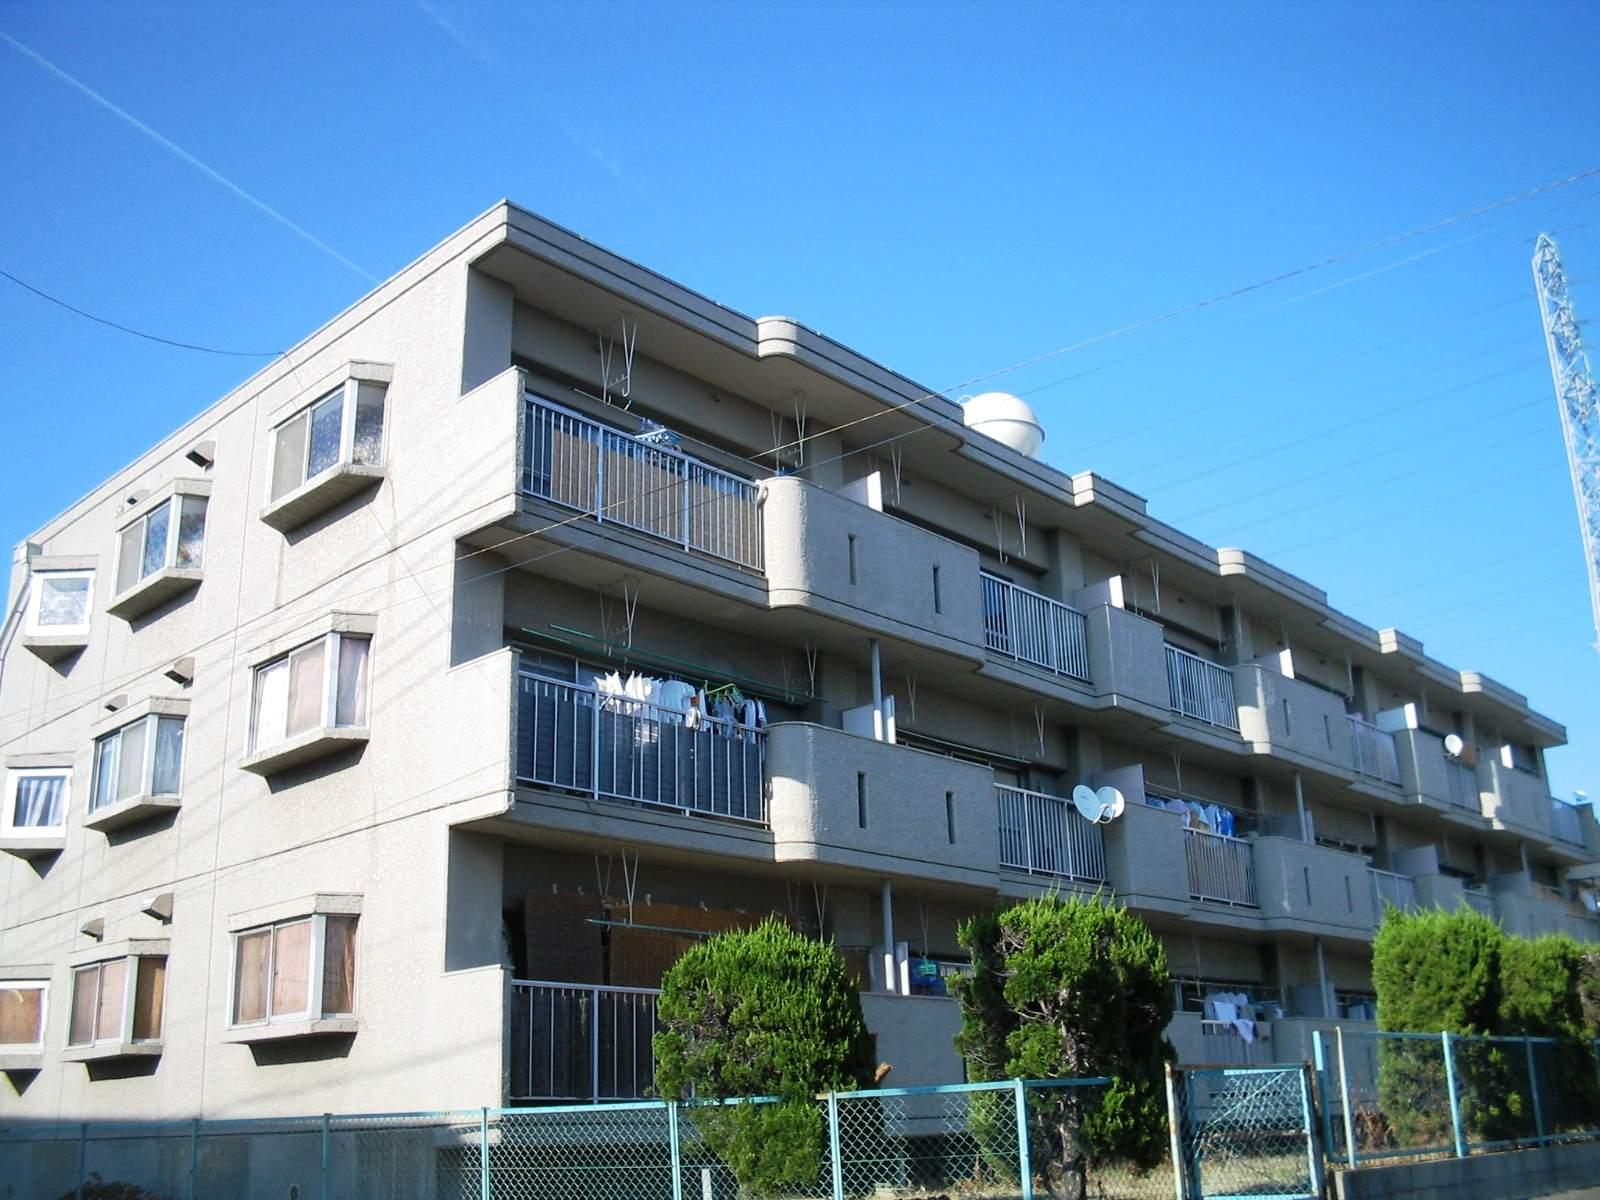 愛知県名古屋市名東区、上社駅徒歩15分の築37年 3階建の賃貸マンション